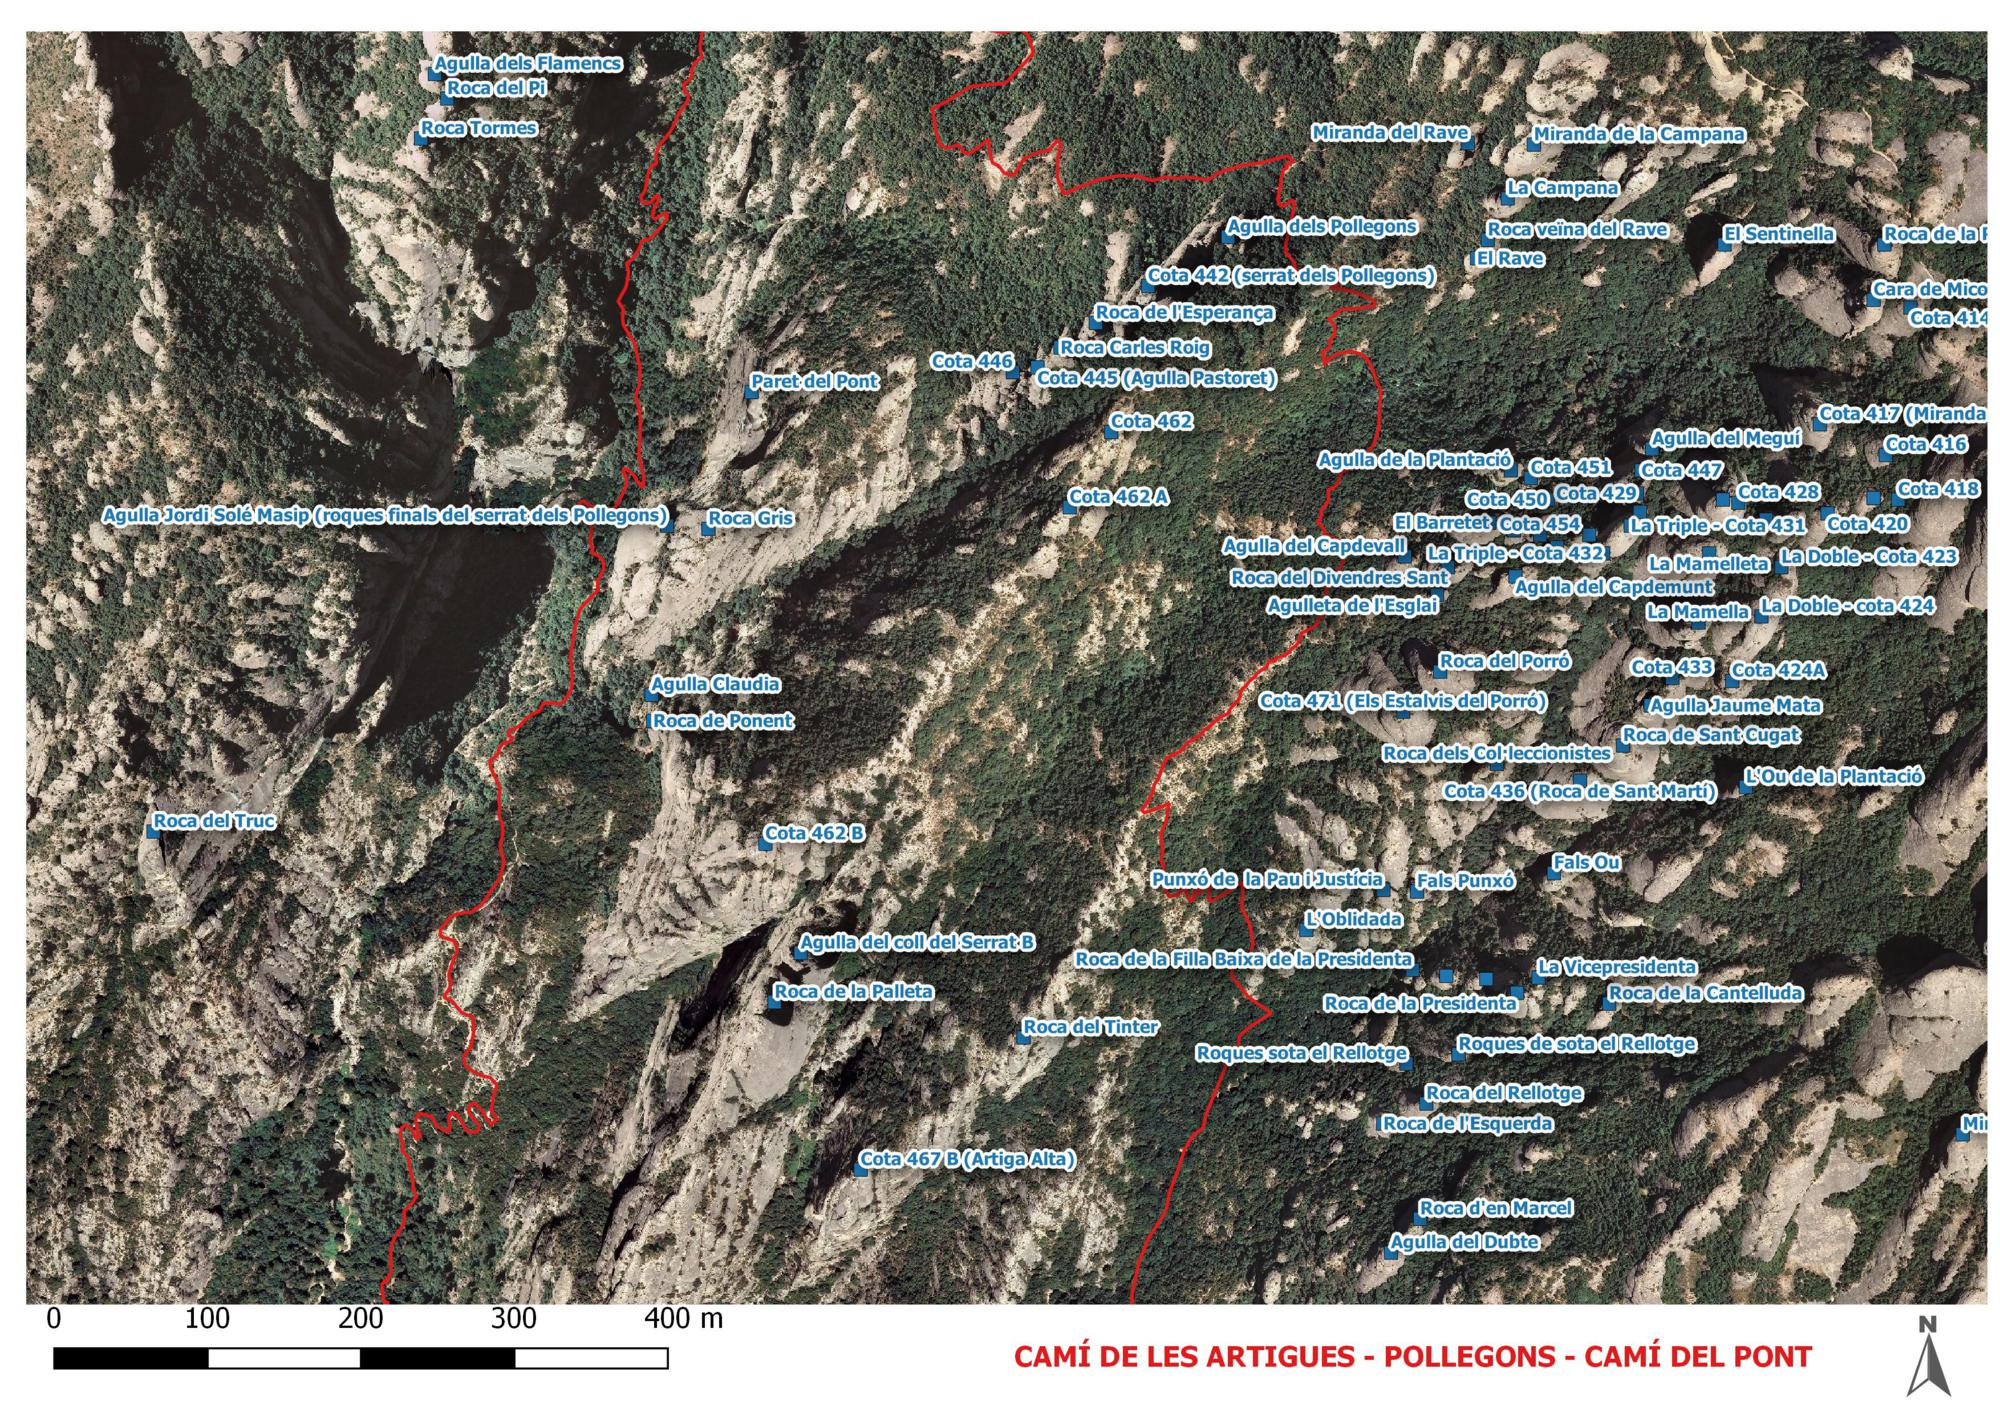 Cami Artigues - Cami del Pont 6 2000x1414